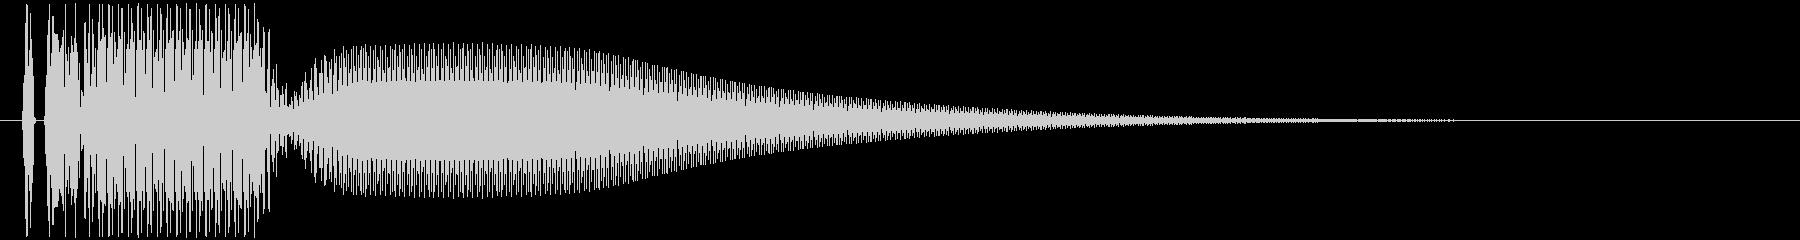 ビヨーン(びっくり箱やジャンプのSE)の未再生の波形